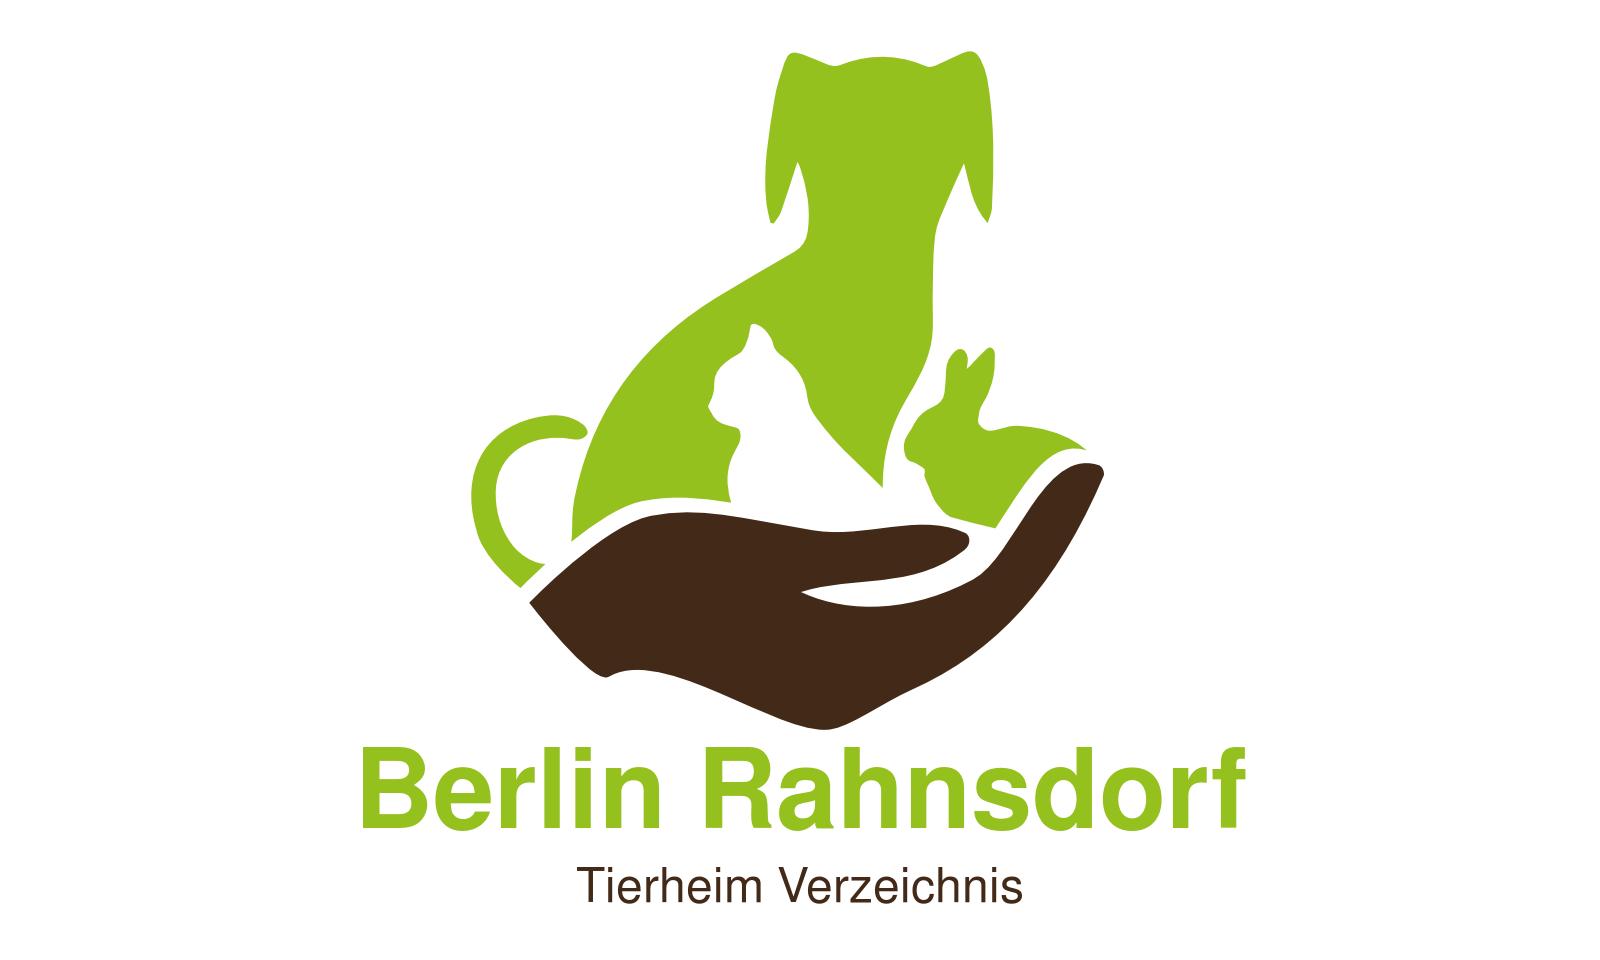 Tierheim Berlin Rahnsdorf